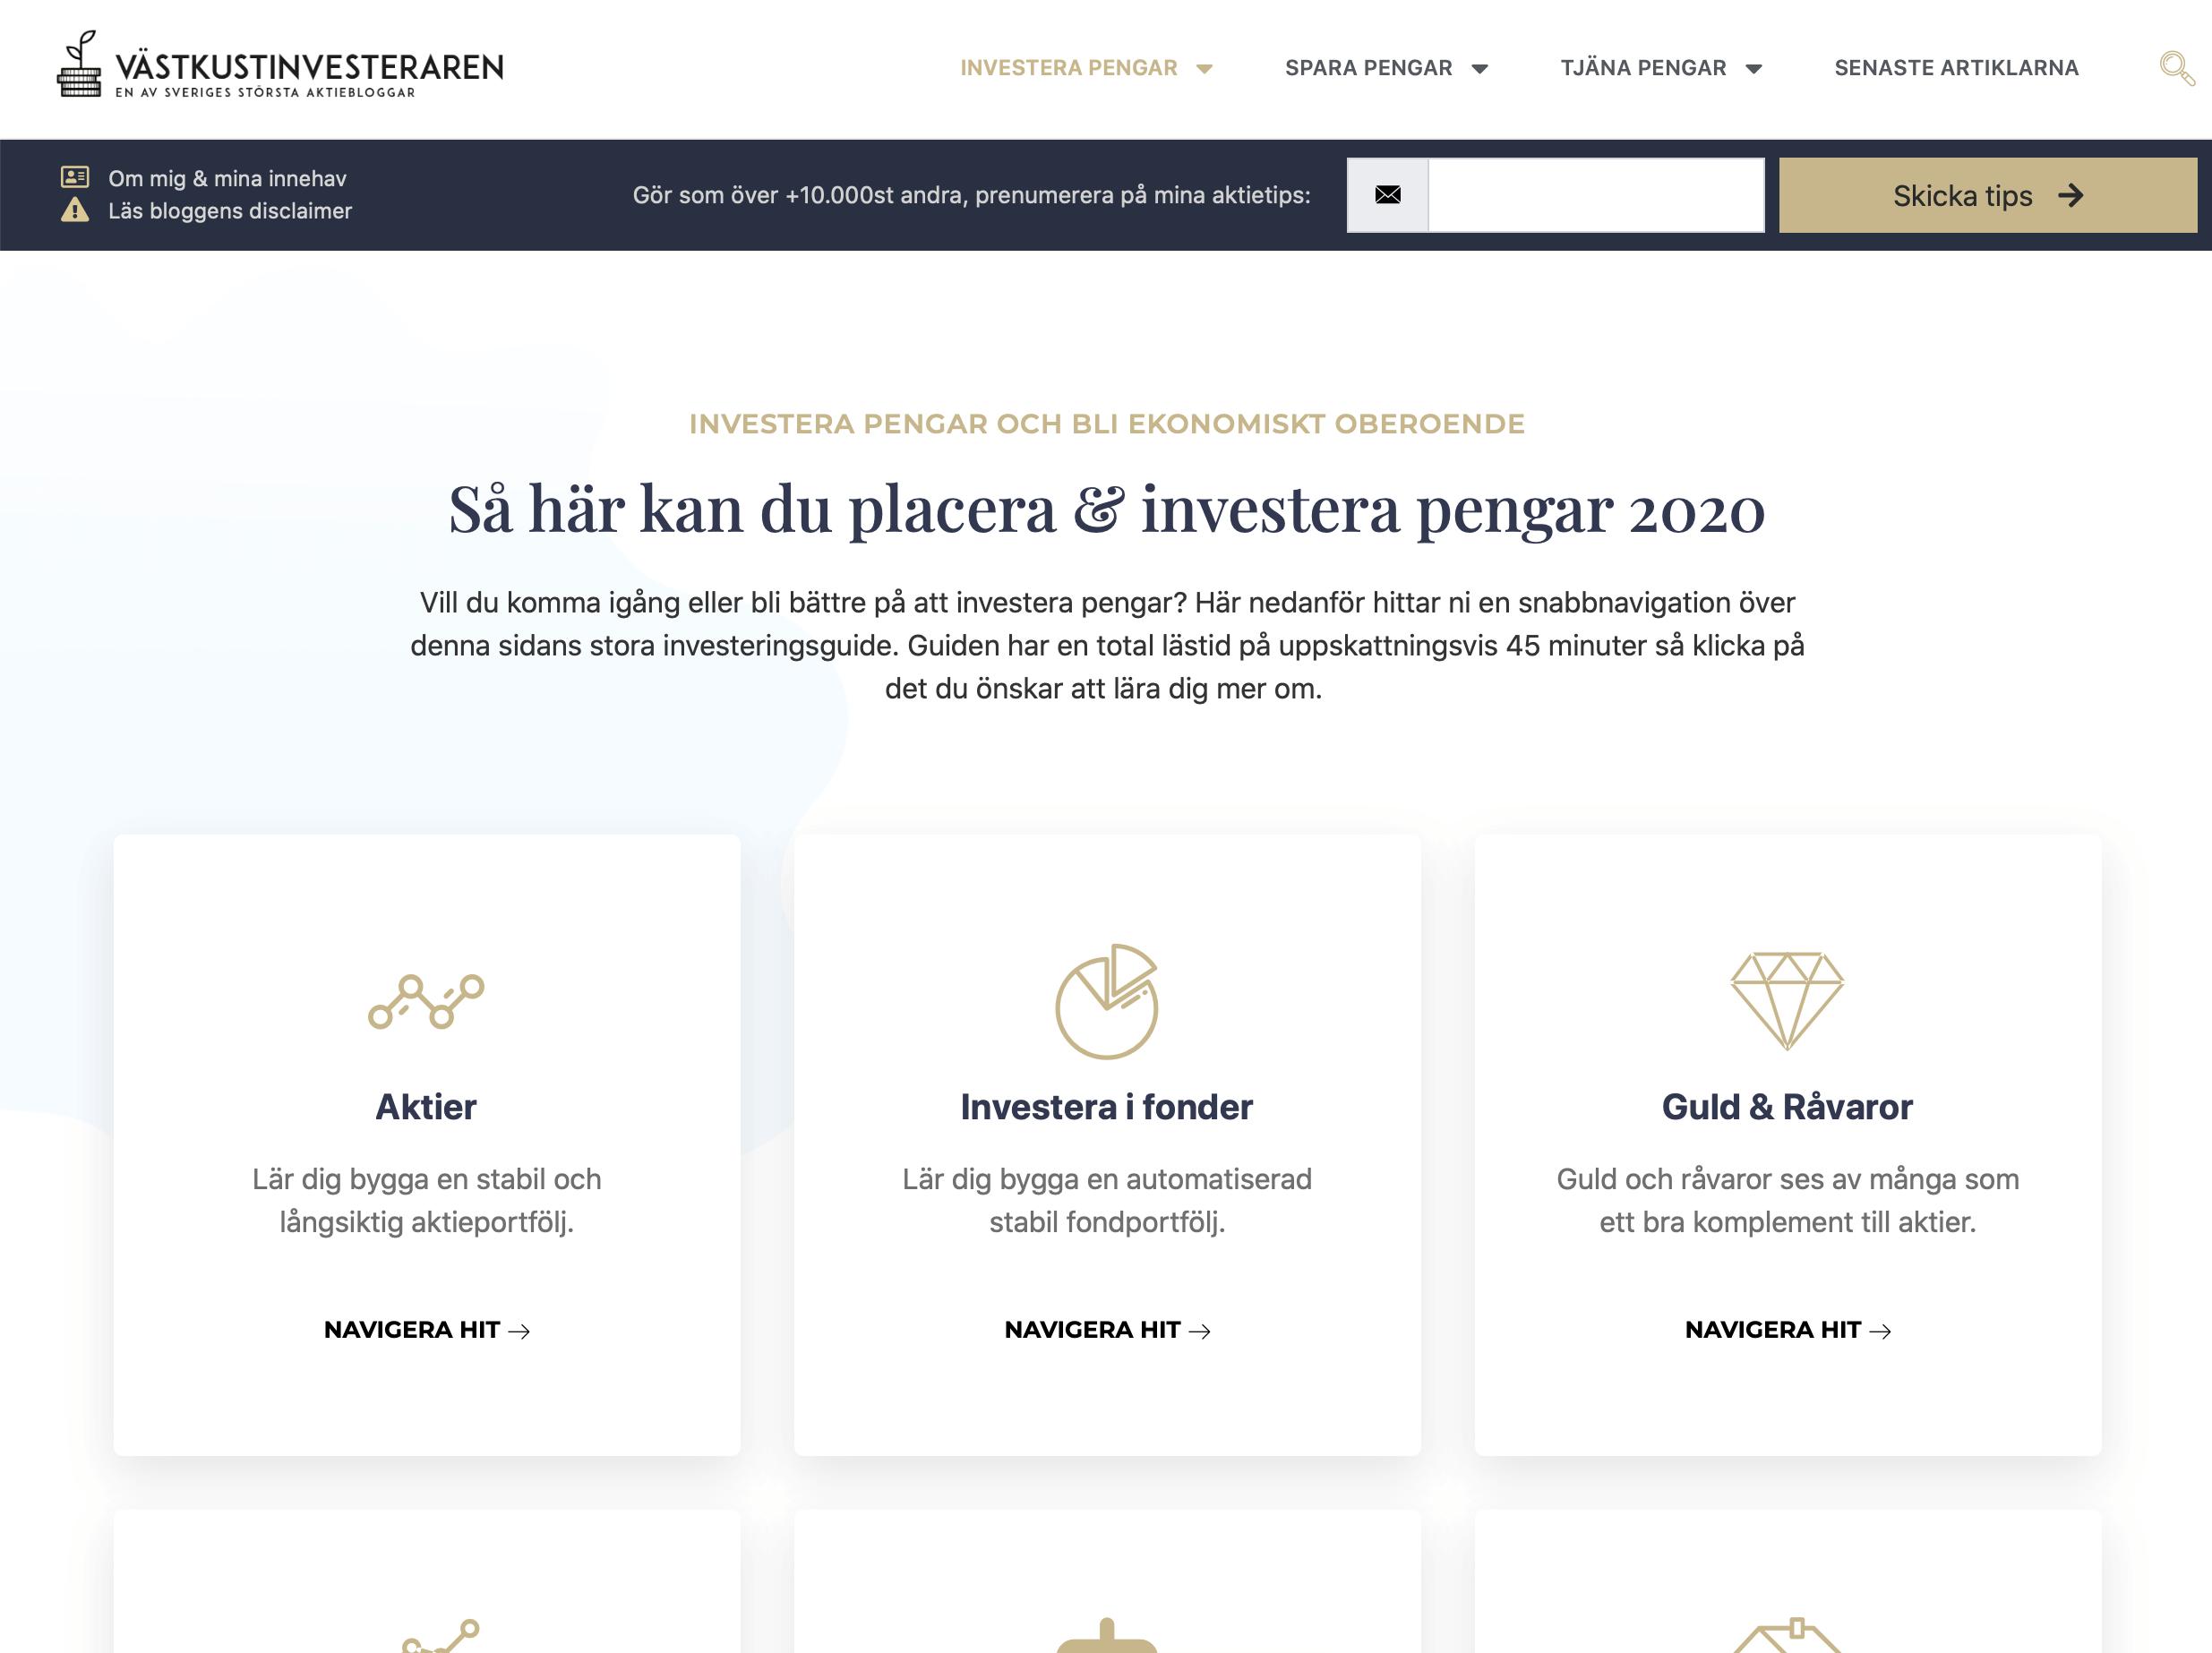 Västkustinvesteraren.se